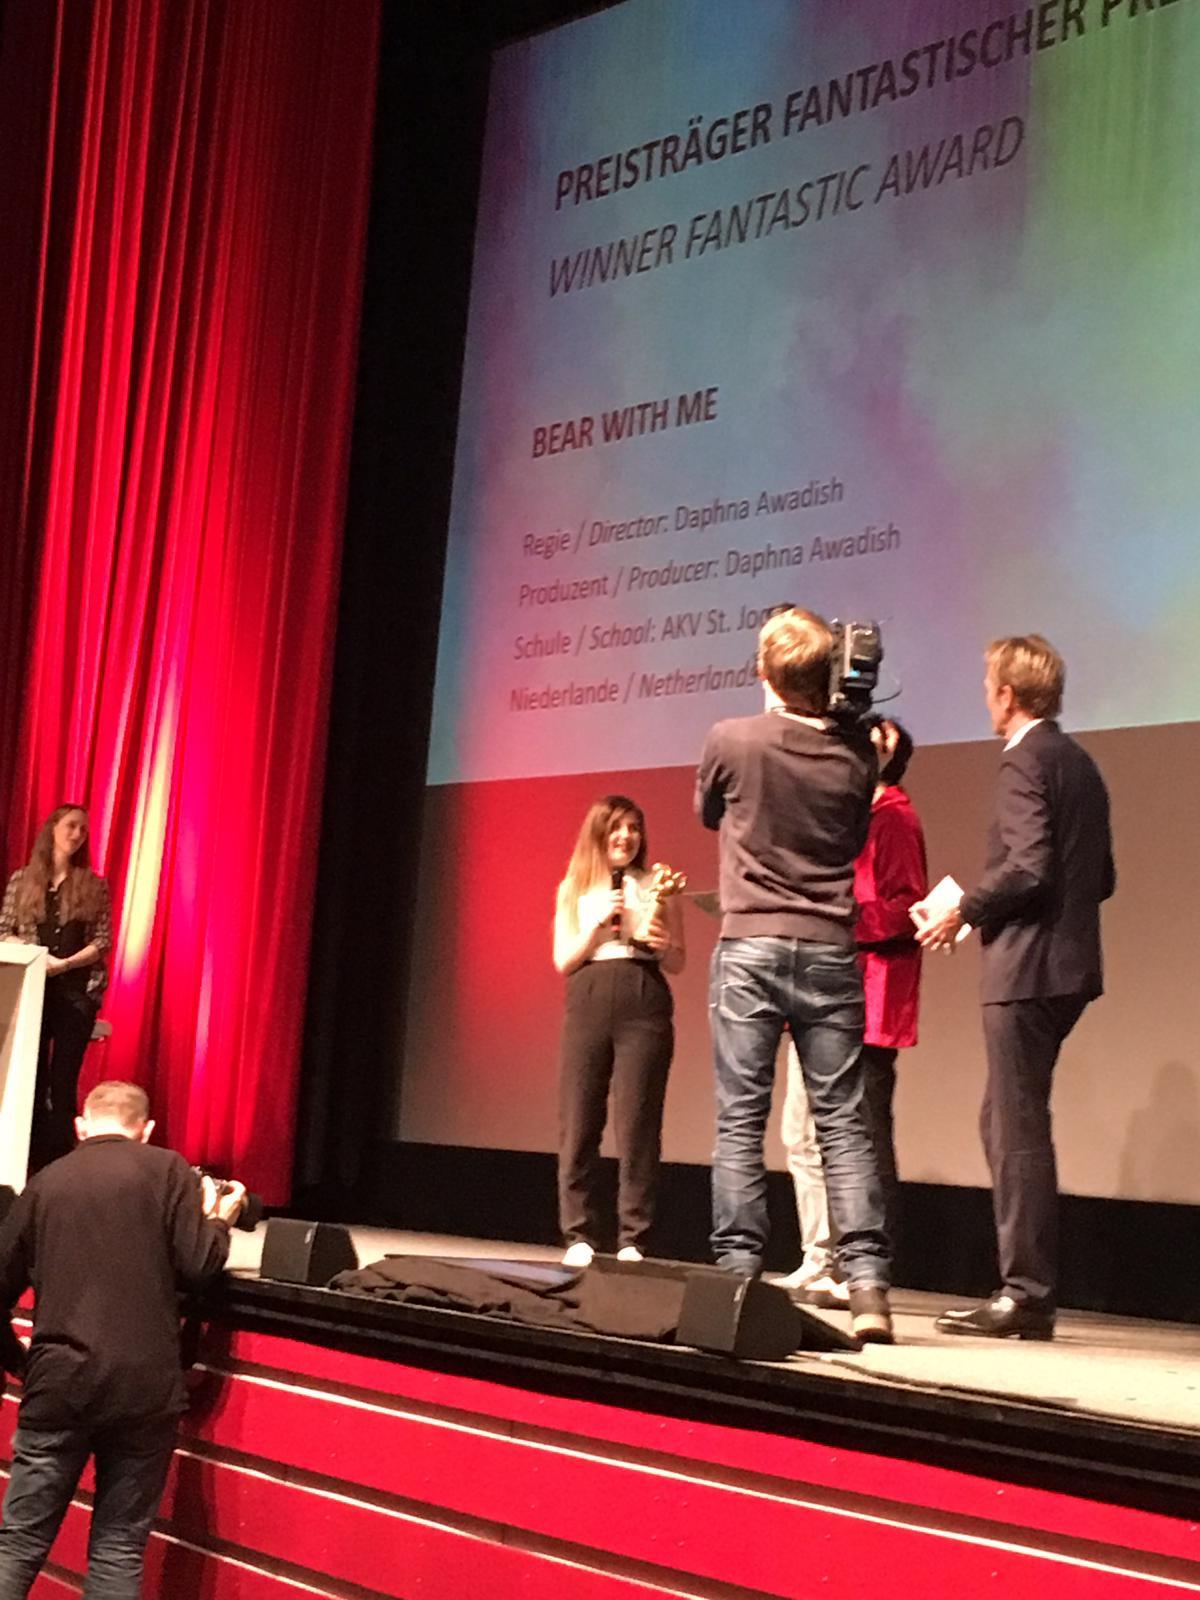 Fantastic Award- ITFS Stuttgart 2019